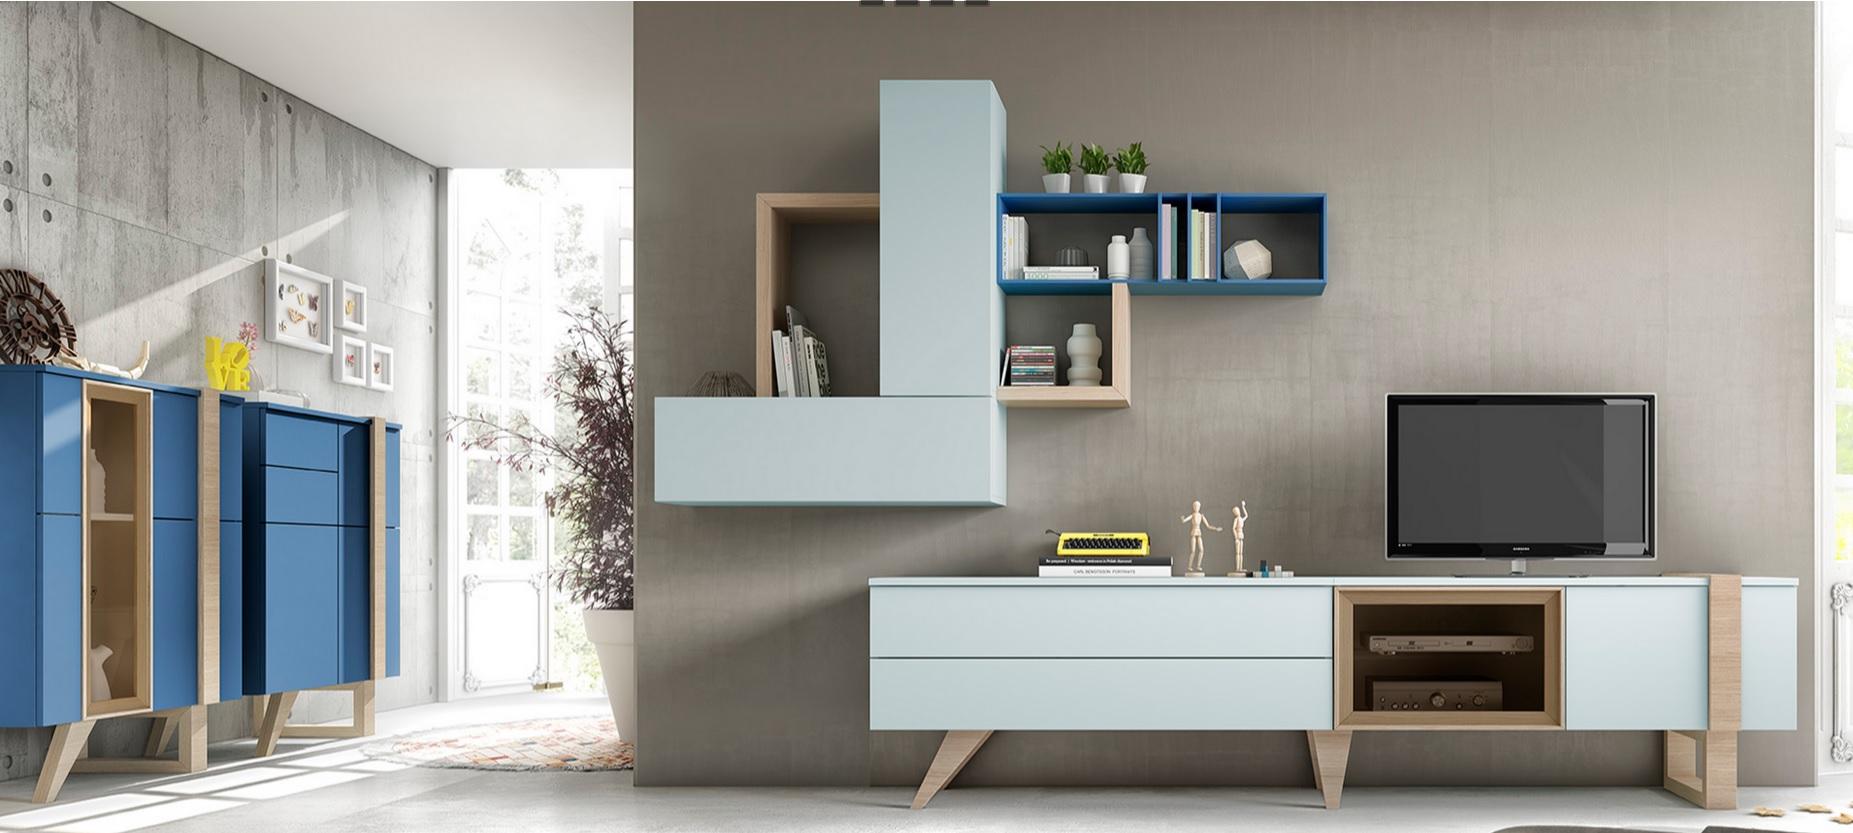 02 mbl arjoca interiorismo tienda de muebles en la ba eza for Salon habitat auxerre